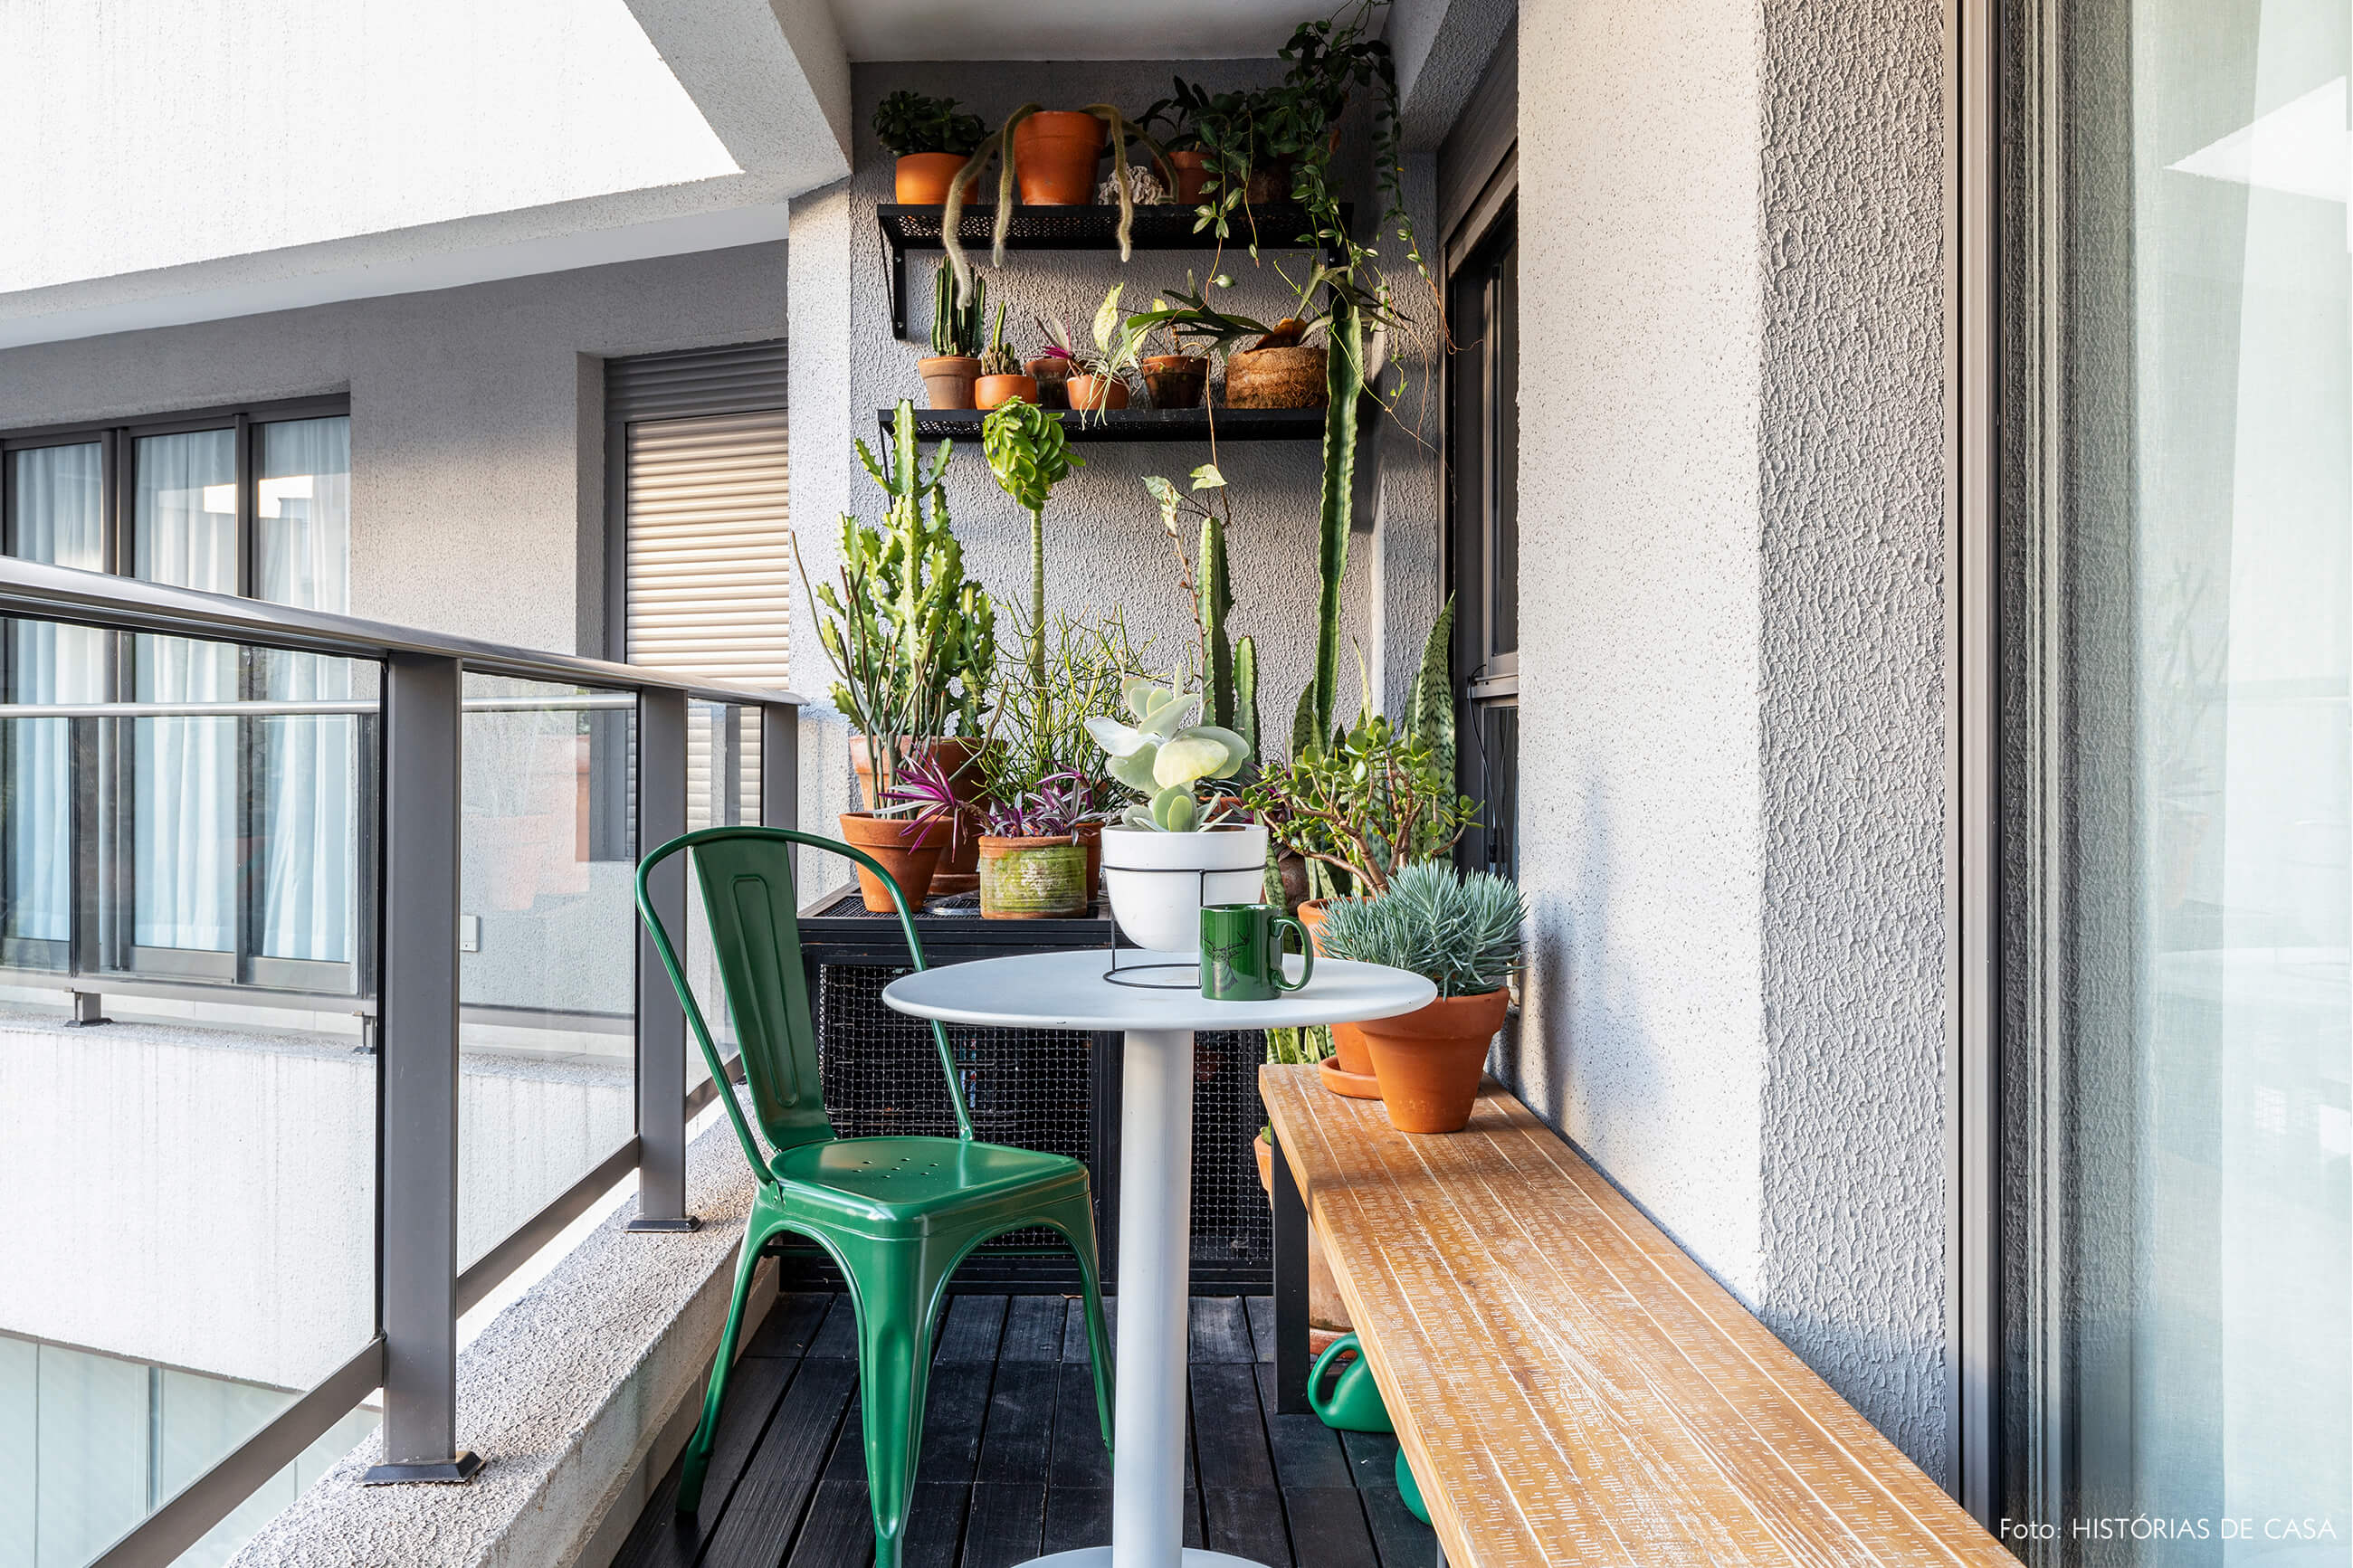 Sacada com piso de madeira escura e banco de madeira clara com cadeiras verdes e plantas